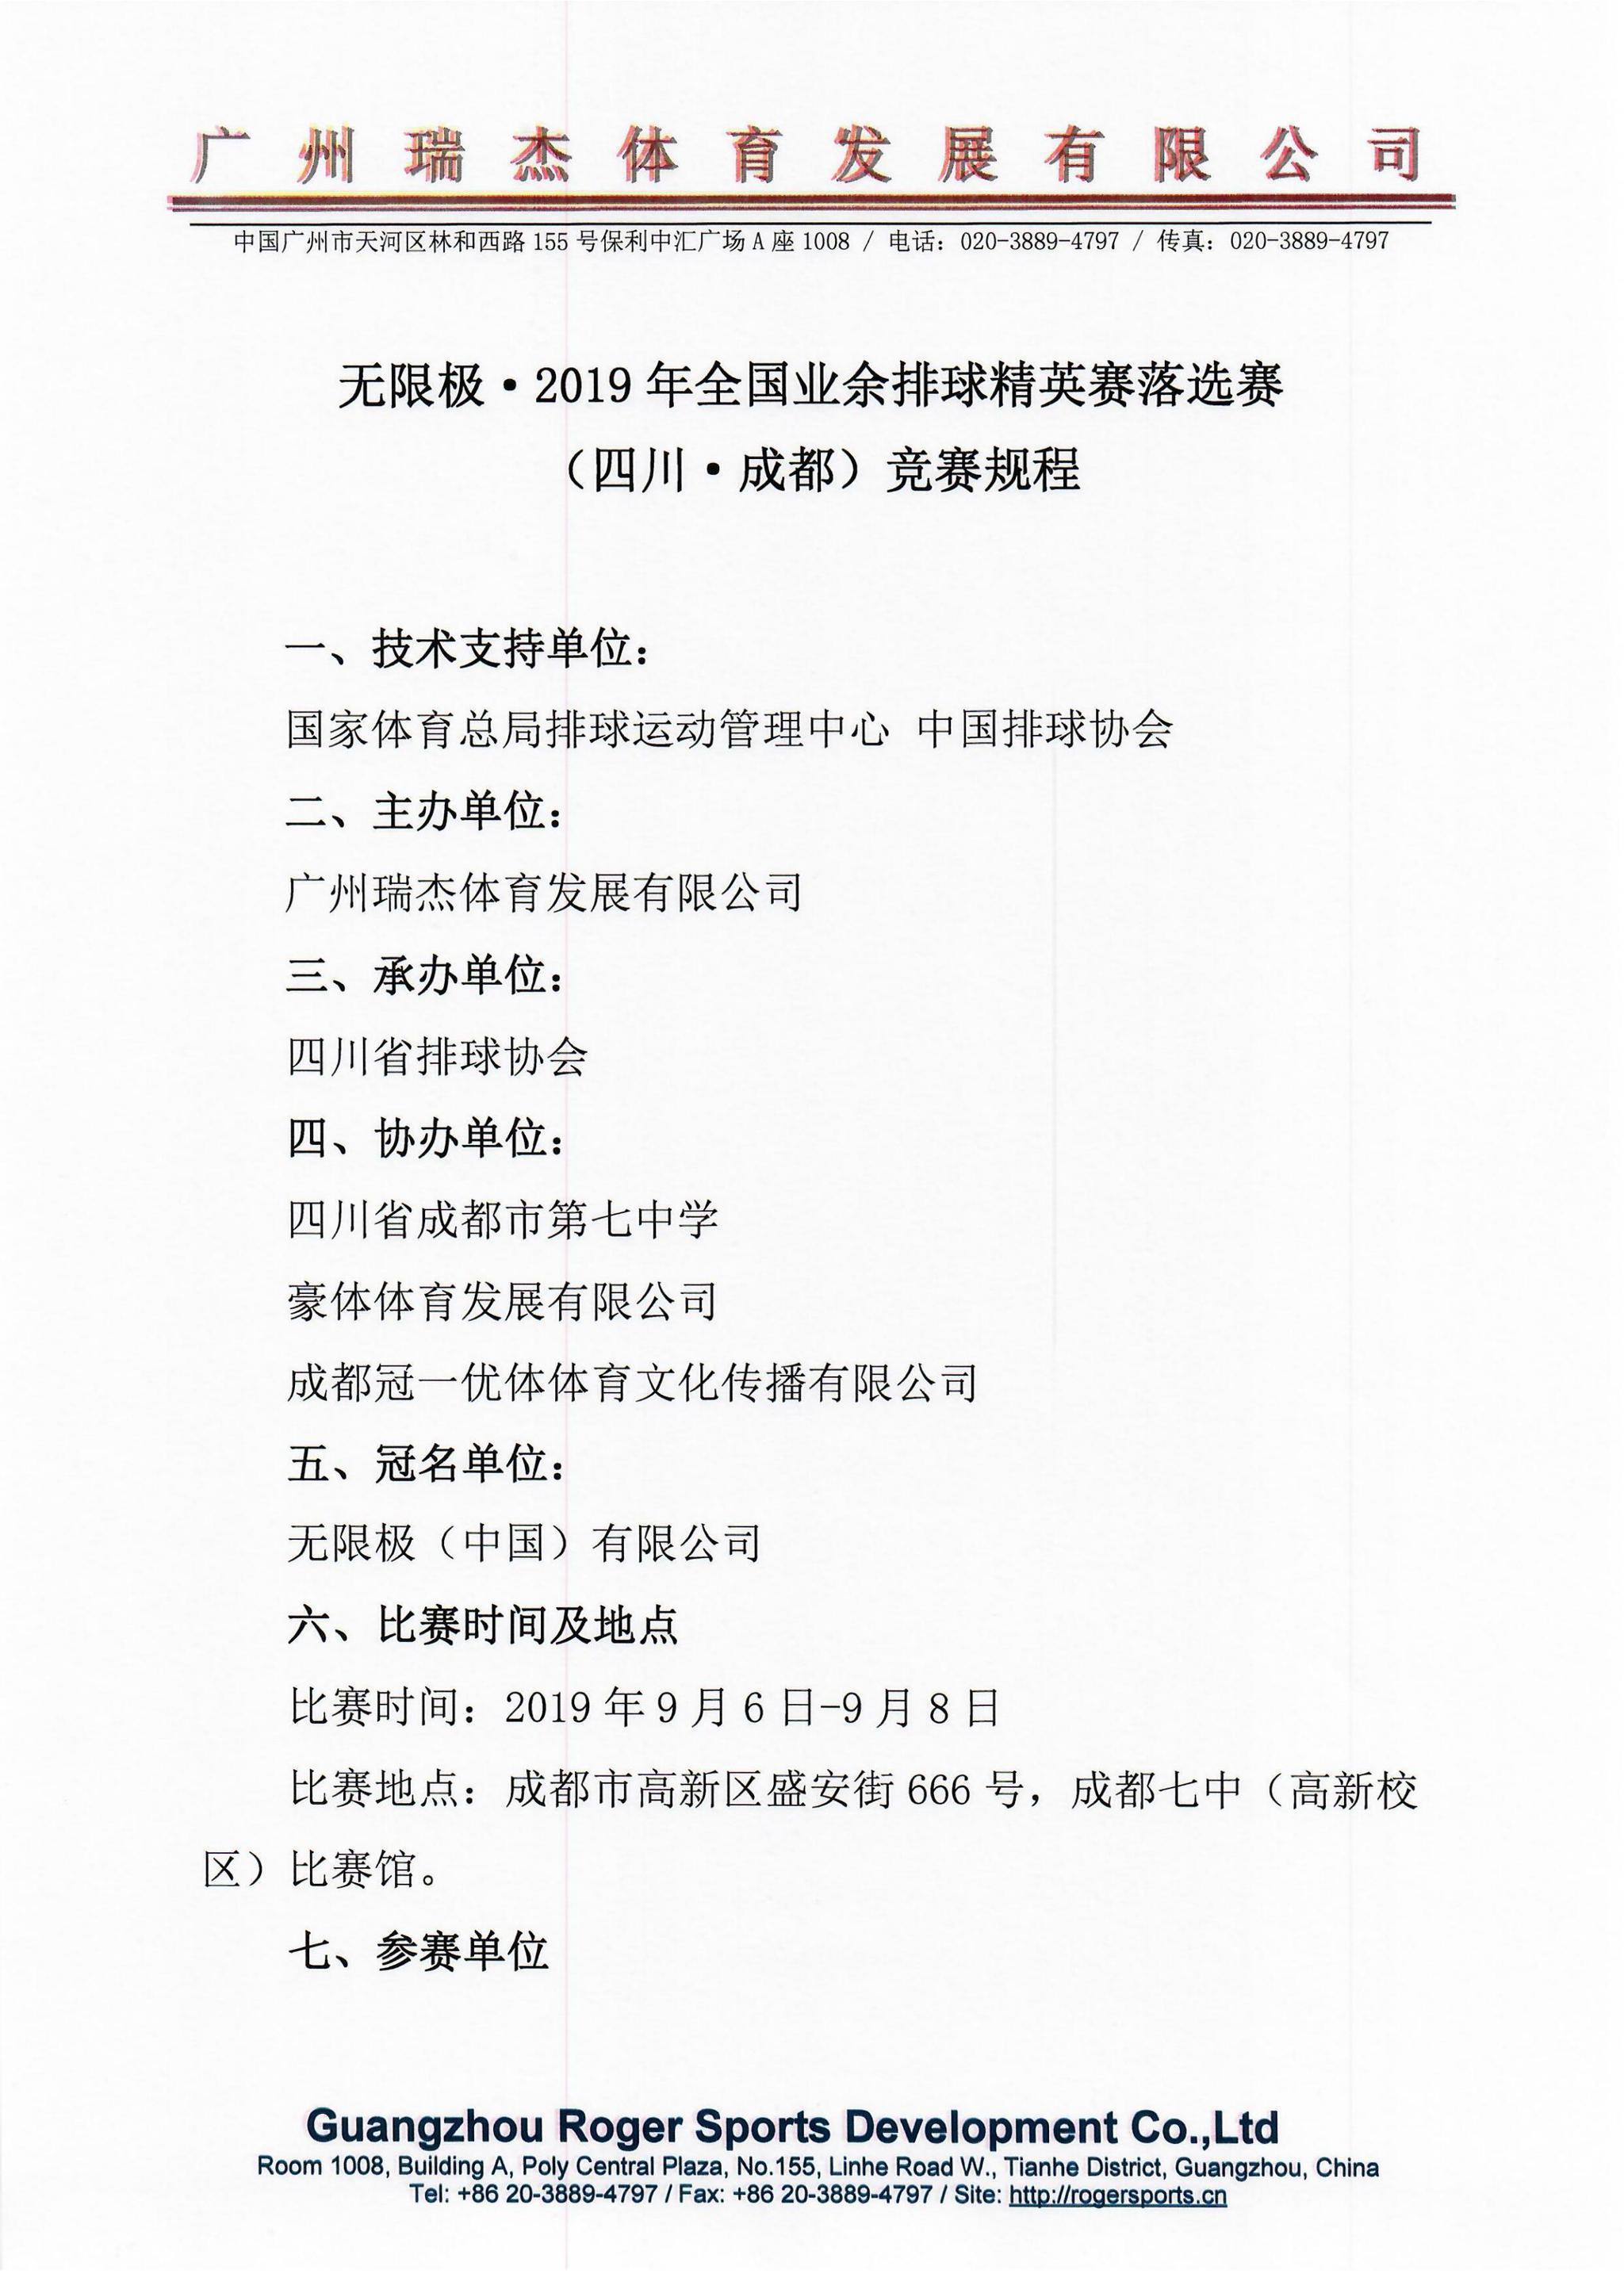 无极限.2019年全国业余排球精英赛落选赛(四川.成都)竞赛规程